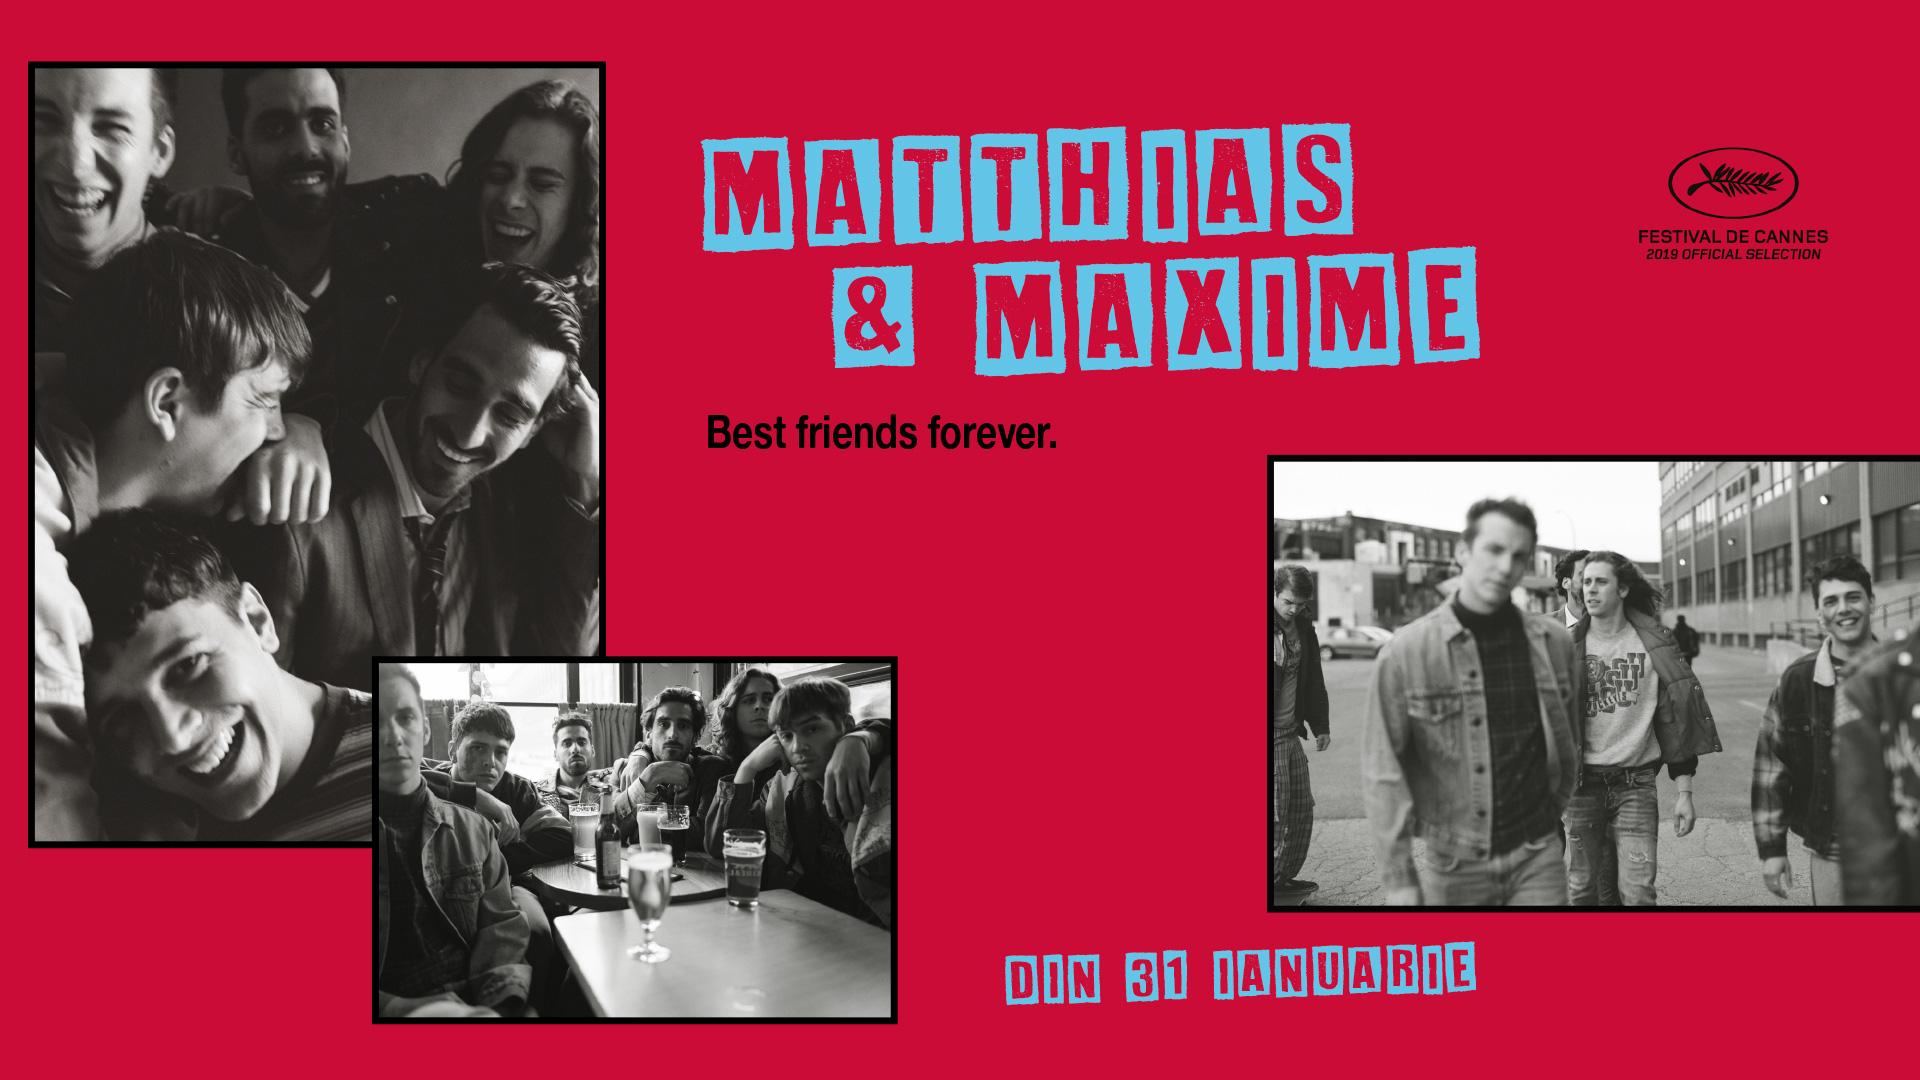 Vizual - Matthias & Maxime